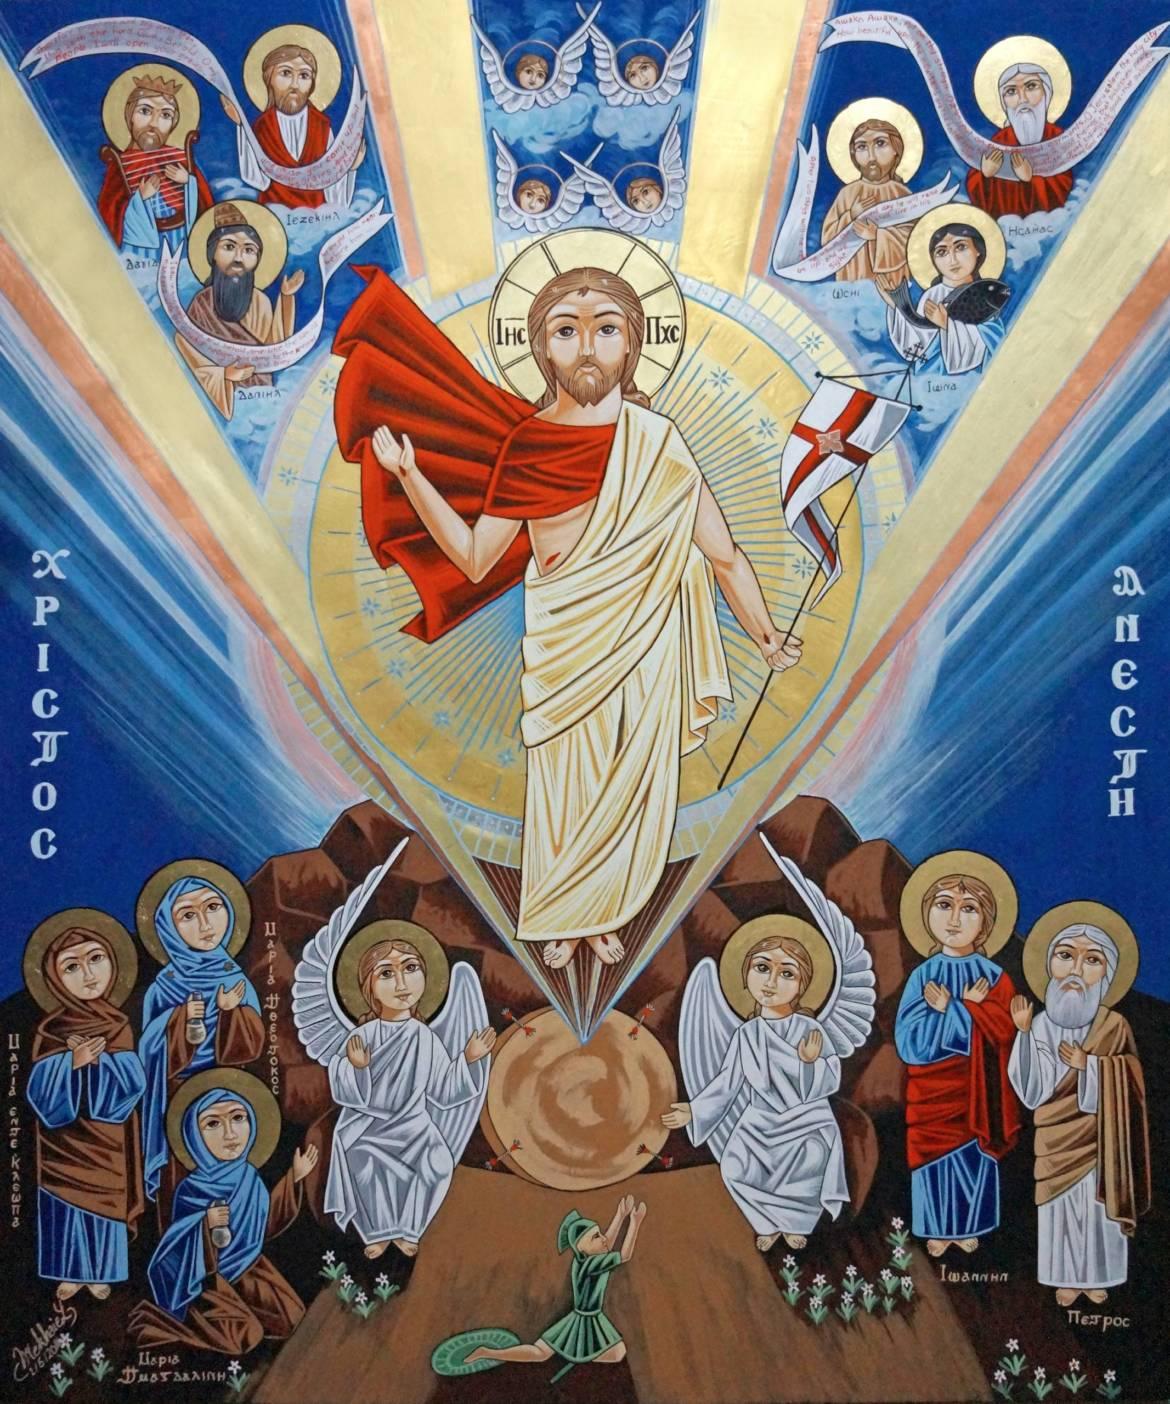 Free-Coptic-Icon-Resurrection-Scaled-scaled.jpg